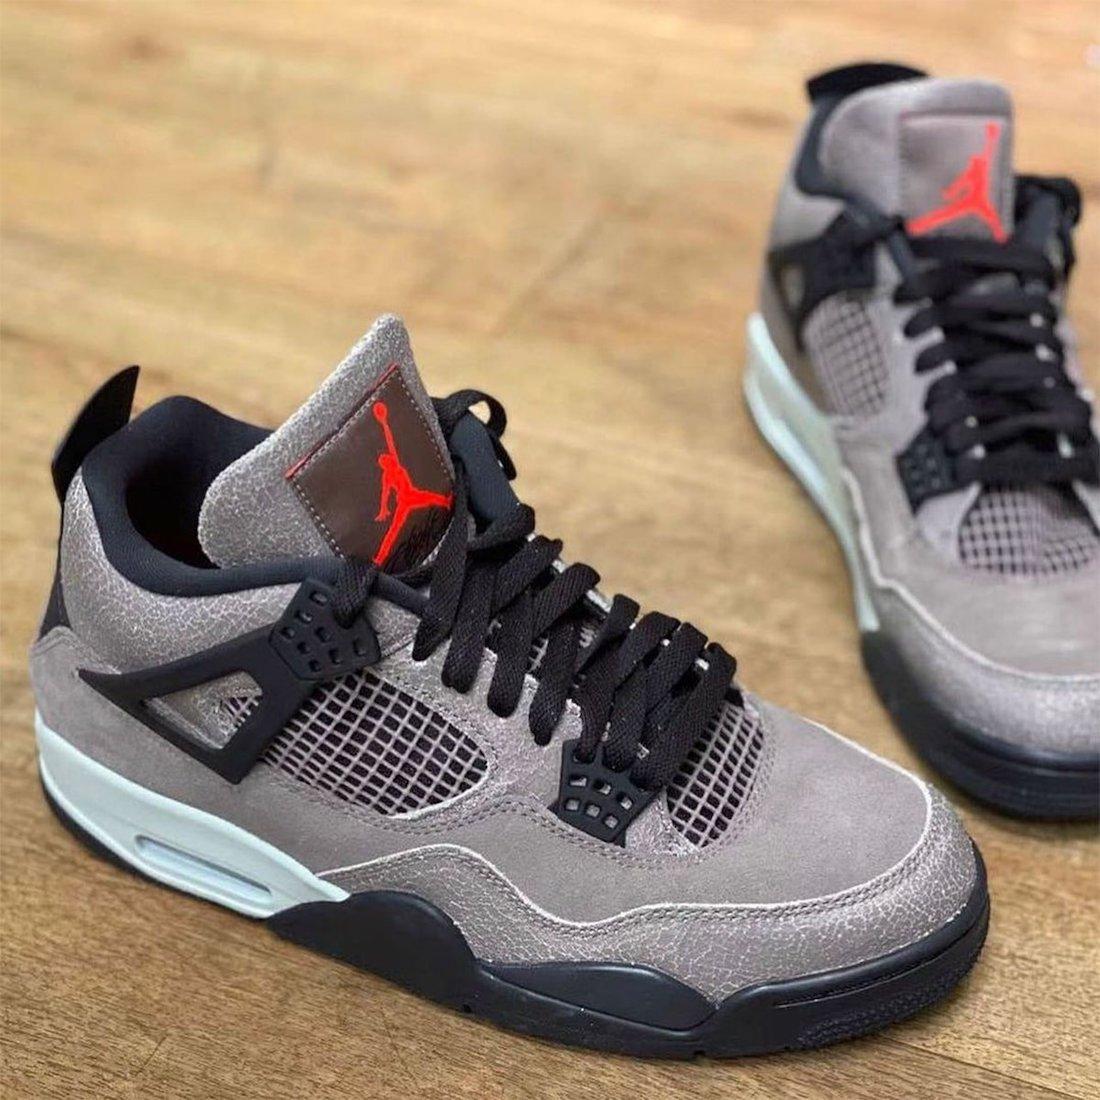 AJ4,Air Jordan 4,DB0732-200,發售  親友 TS 聯名的弟弟版本!全新 Air Jordan 4 下月發售!